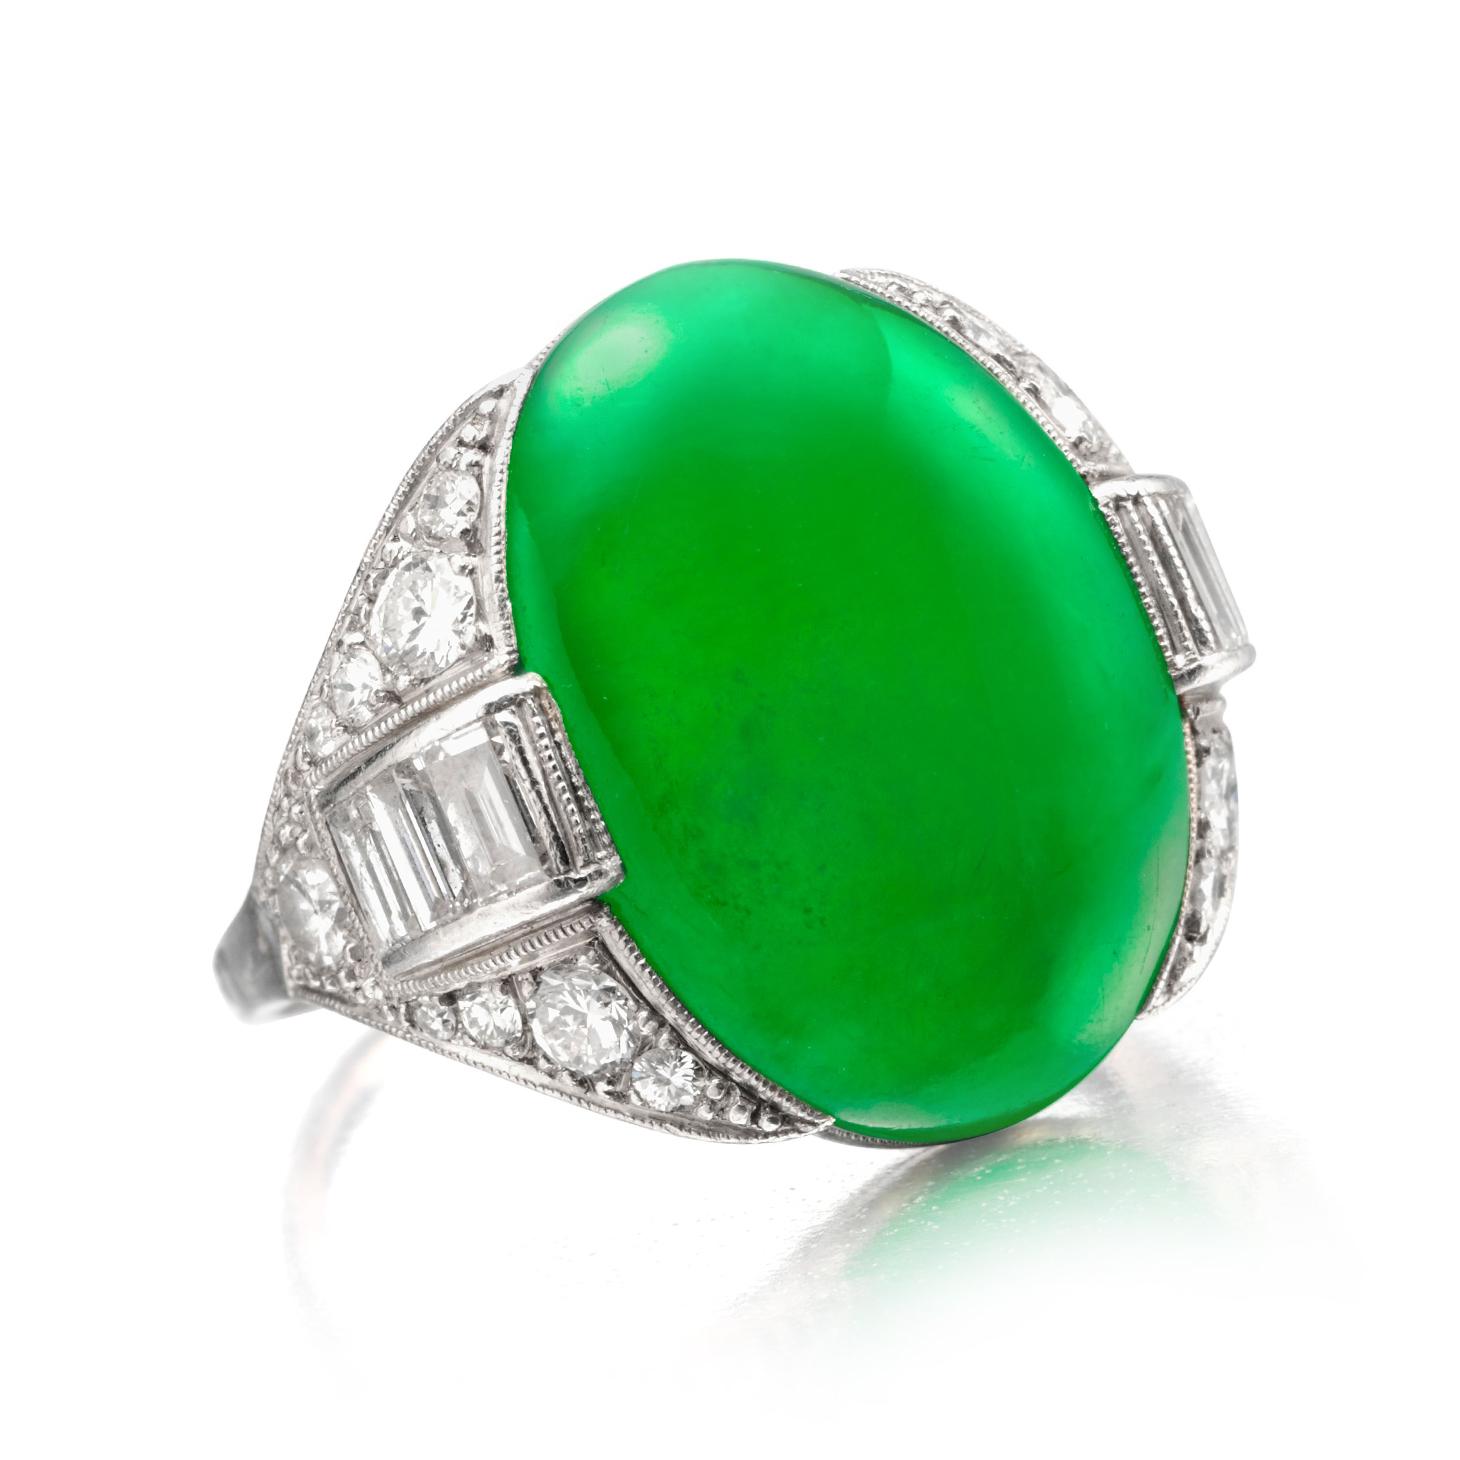 An Art Deco Burmese Jade and Diamond Ring, circa 1925